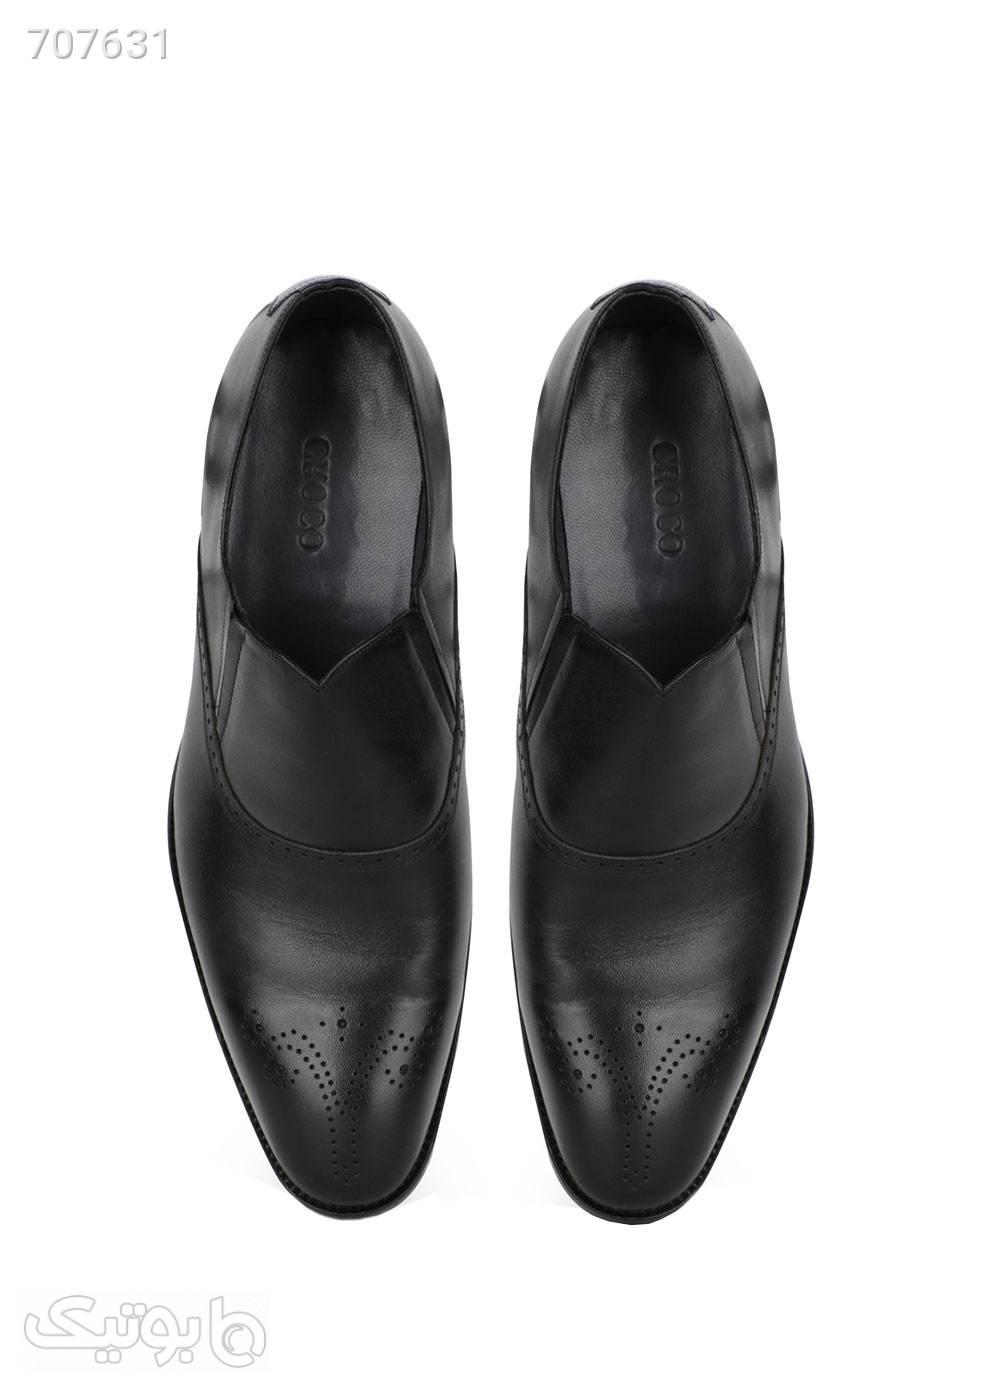 کفش کلاسیک مردانه تخته چرم مشکی كفش مردانه